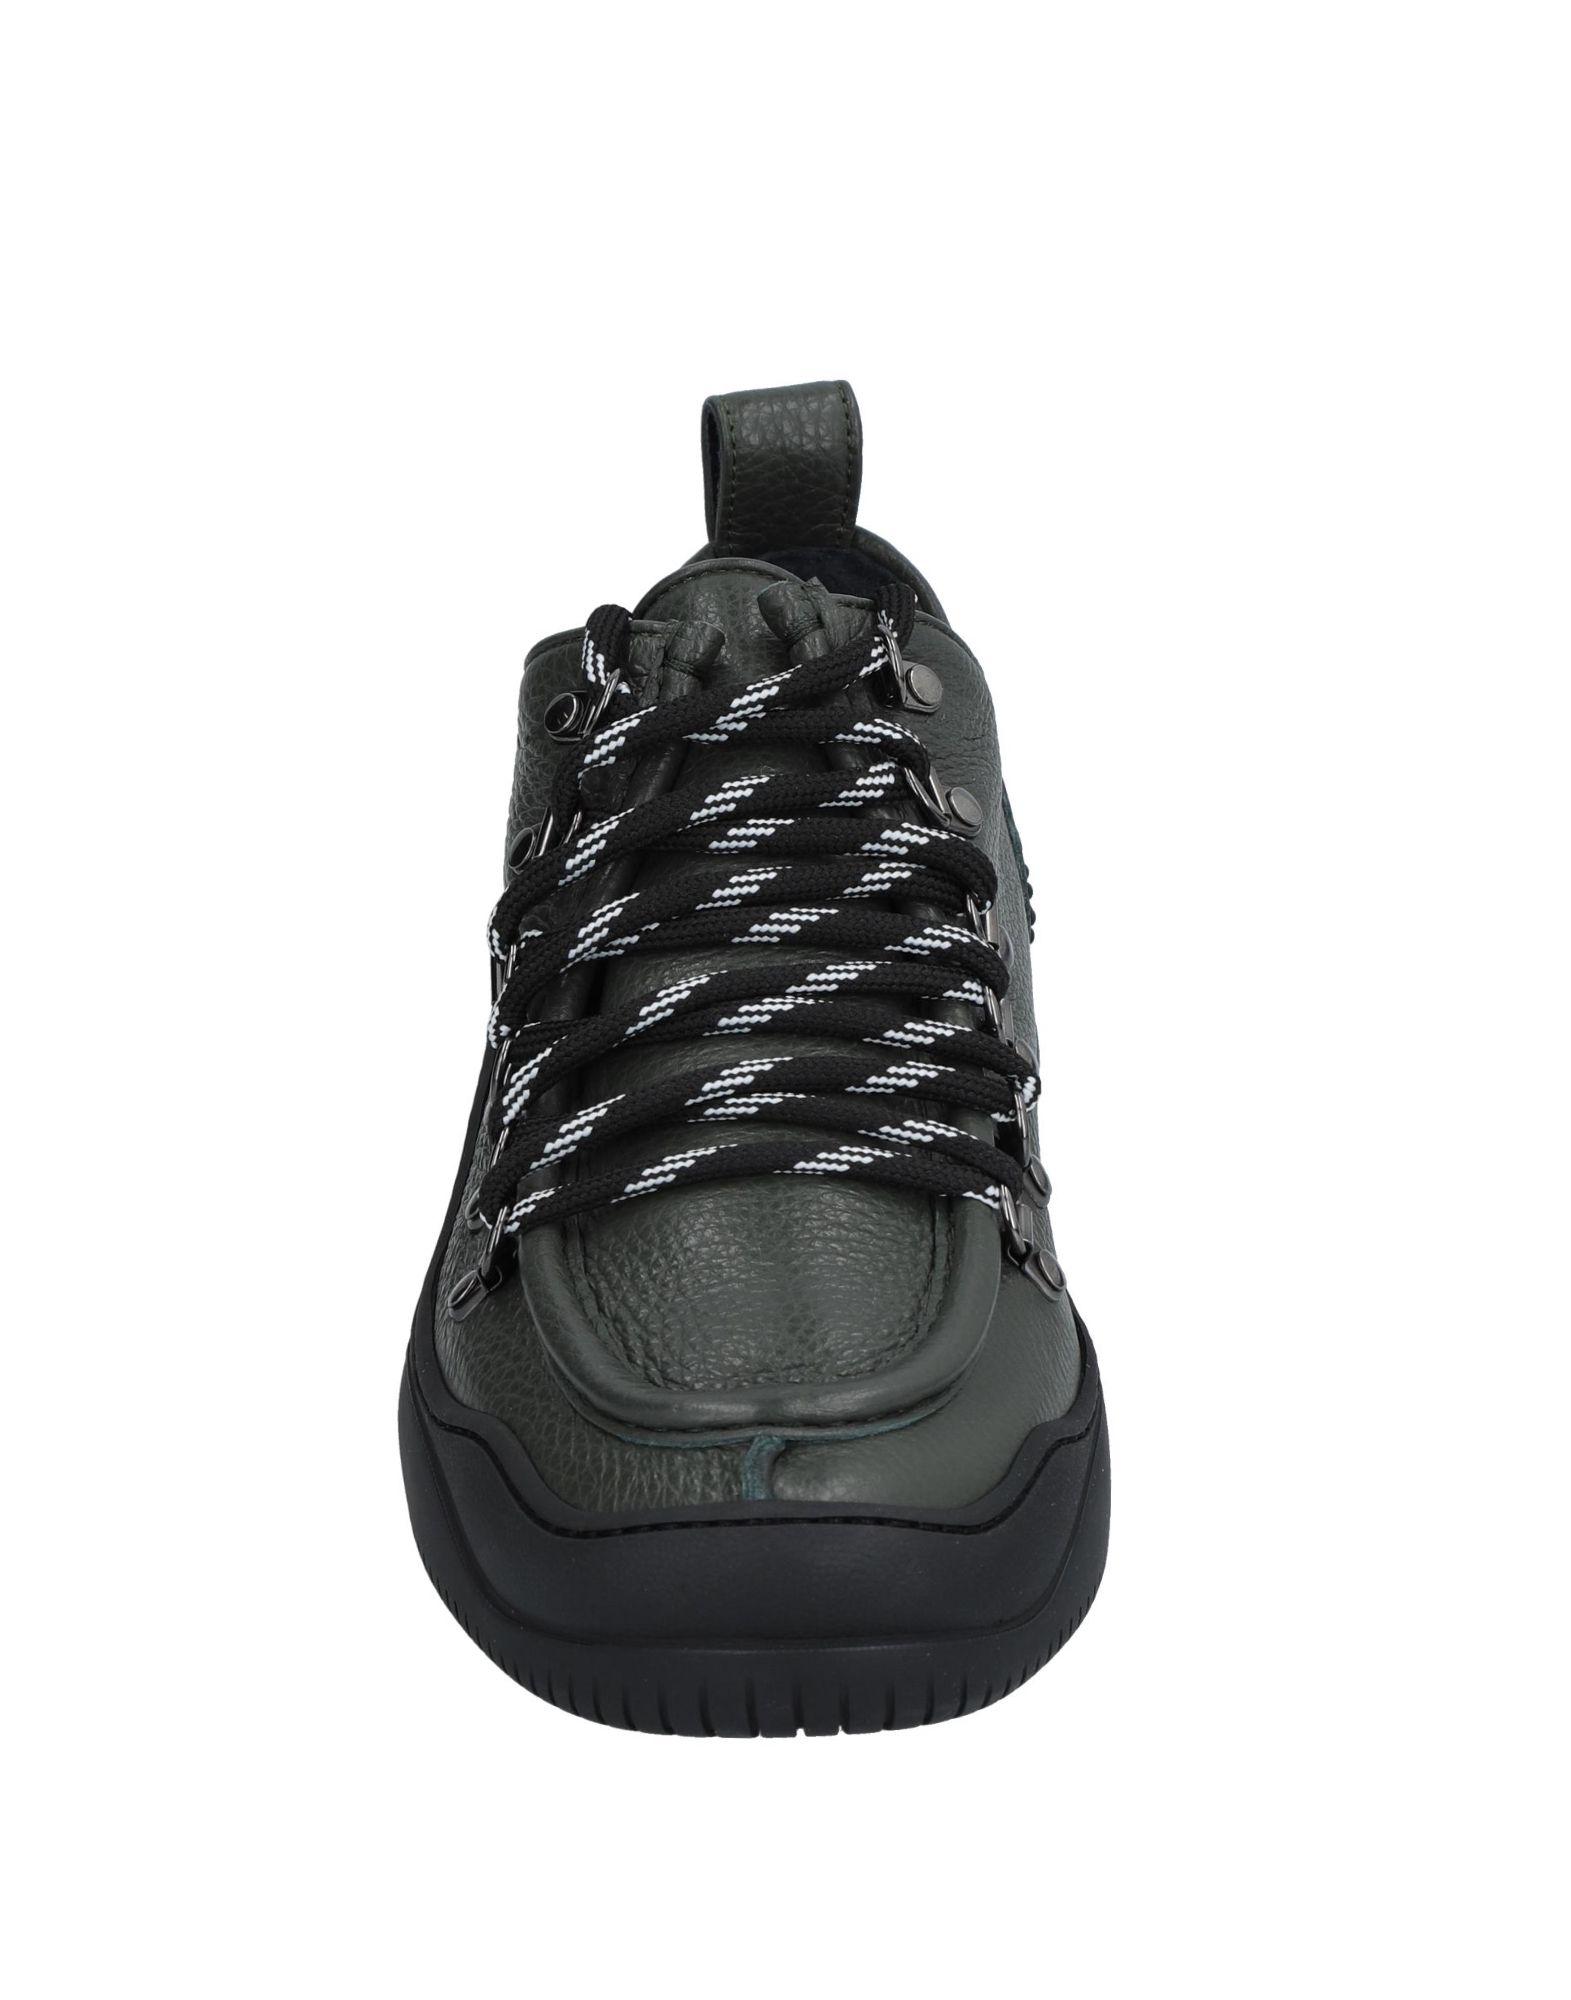 N° 21 21 N° Sneakers Herren  11533274KJ Gute Qualität beliebte Schuhe 30a39c